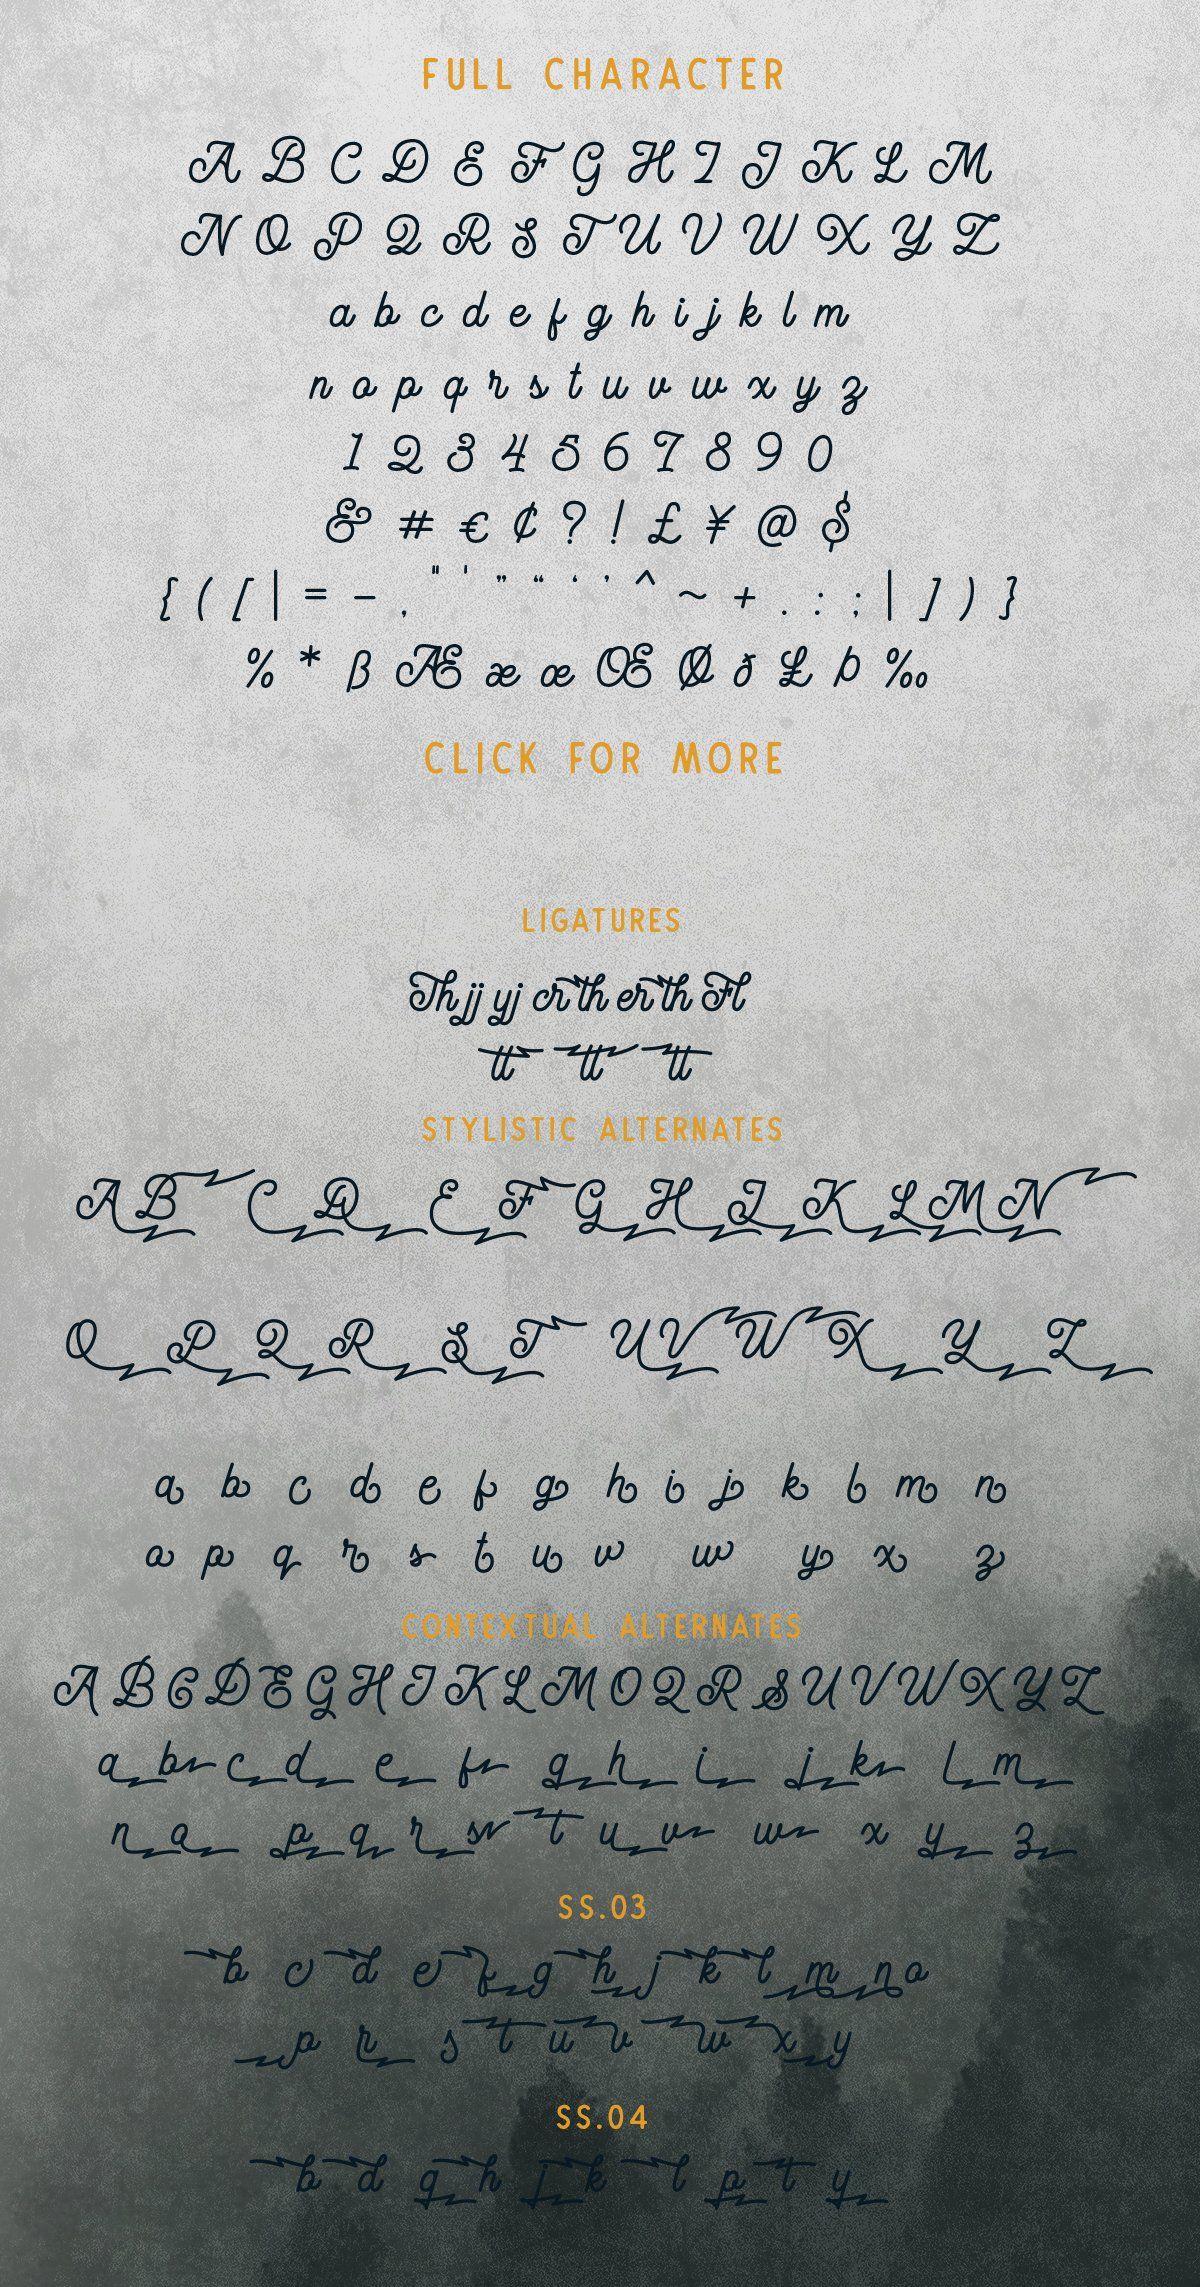 6282bc2c9e8945cbd76e0921487cf61f